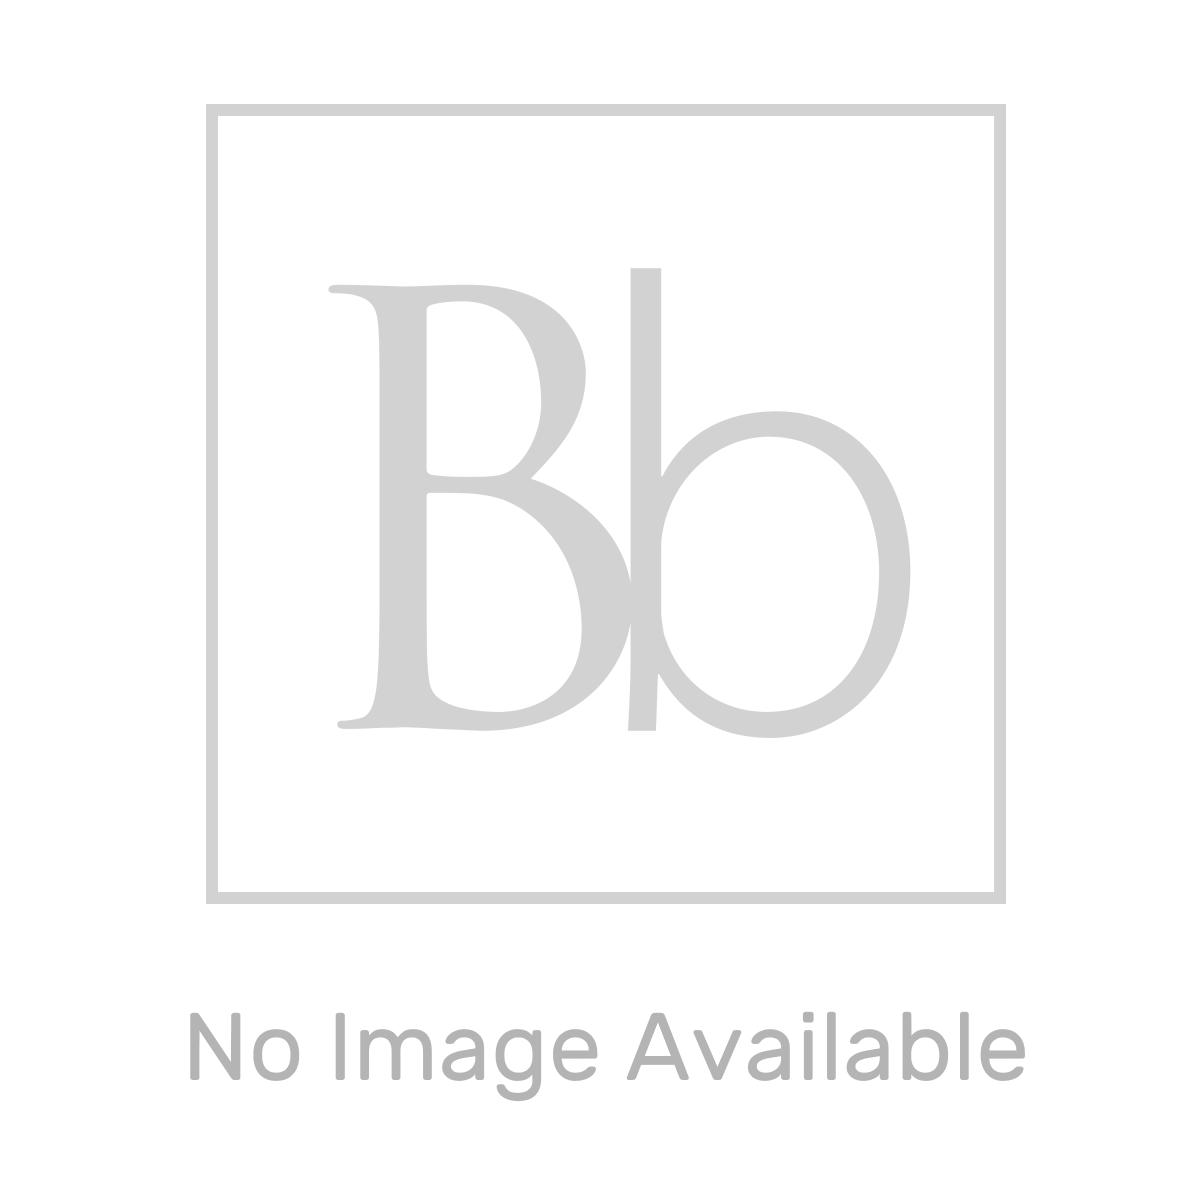 April Shower Tray Riser Kit 800 - 1200